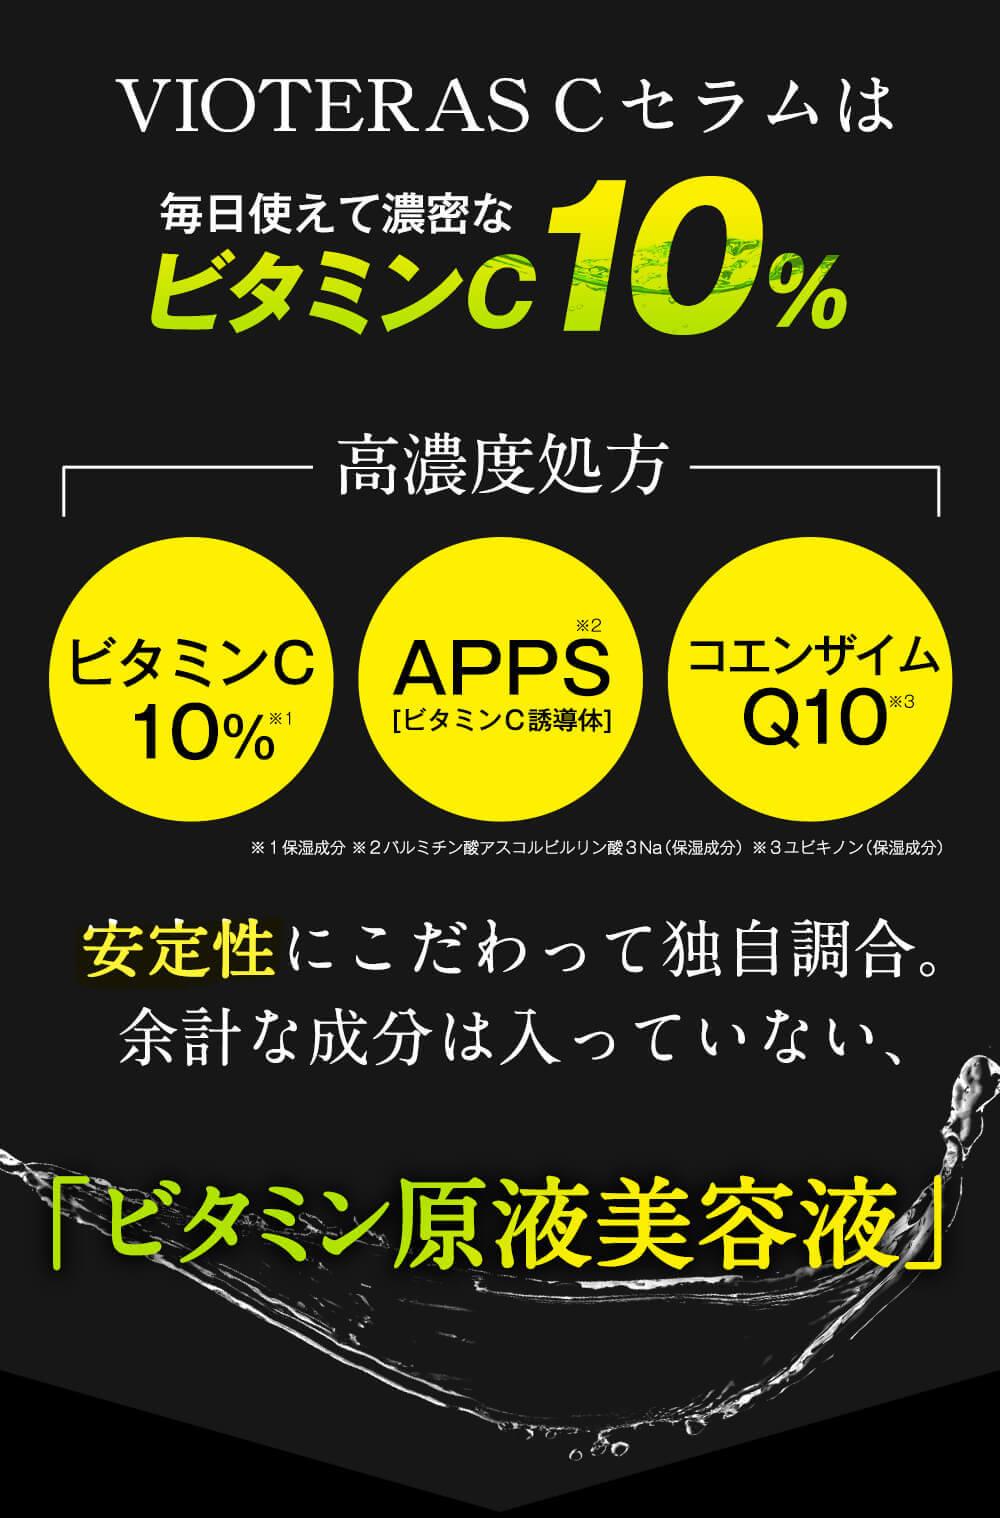 人気のヒミツは「ビタミンC10%」「APPS」「コエンザイムQ10」